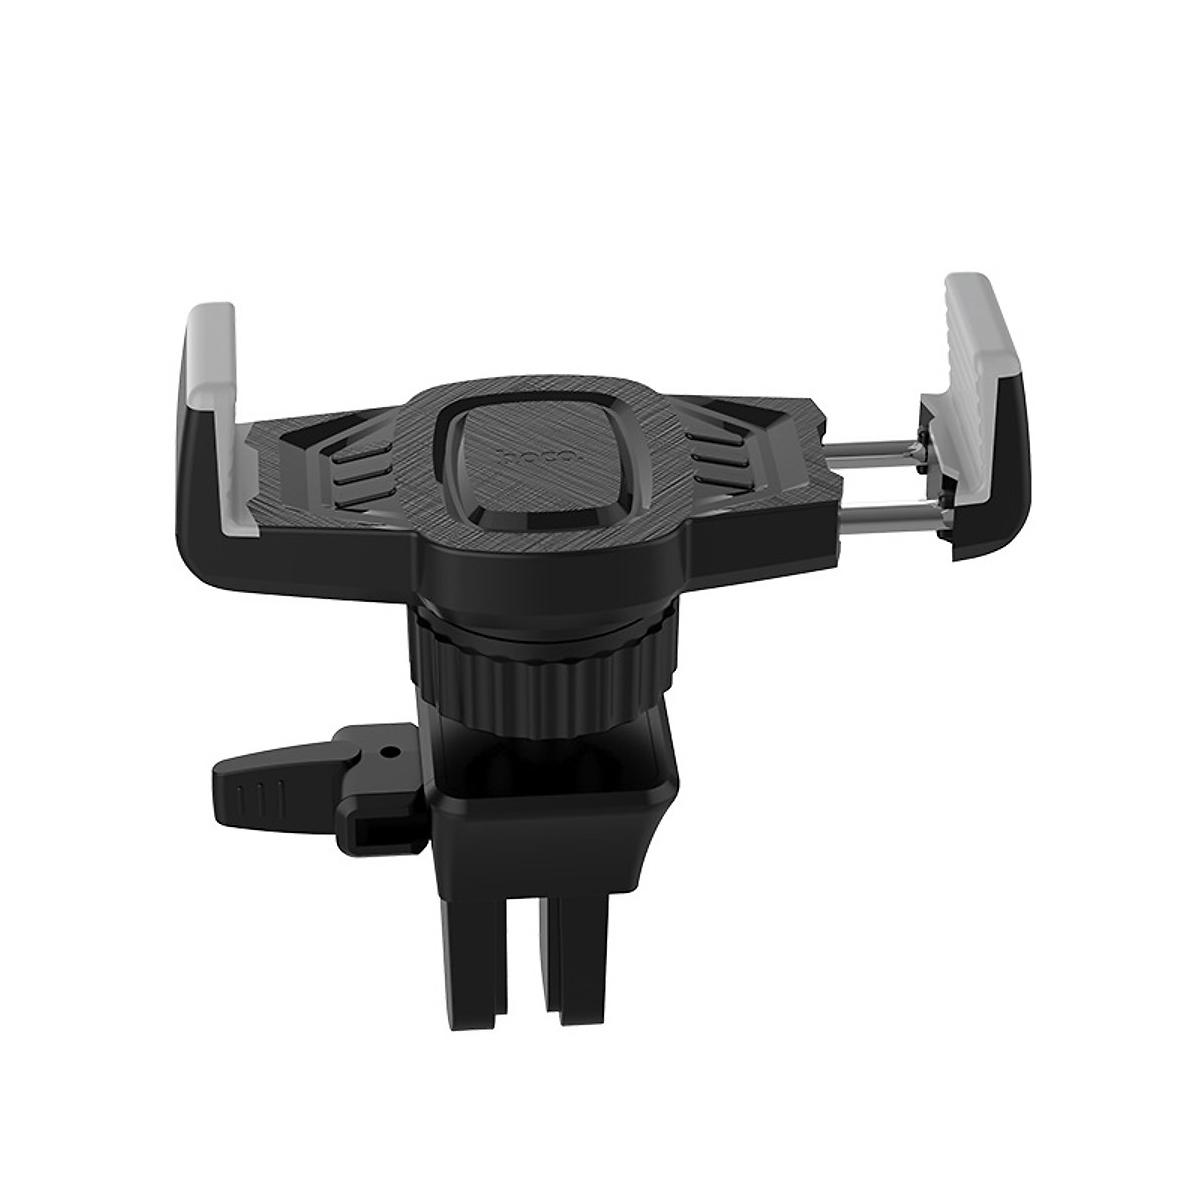 Giá Đỡ Điện Thoại Trên Oto Thông Minh -Hoco CA38  + Tặng giá đỡ điên thoại mini - Chính Hãng